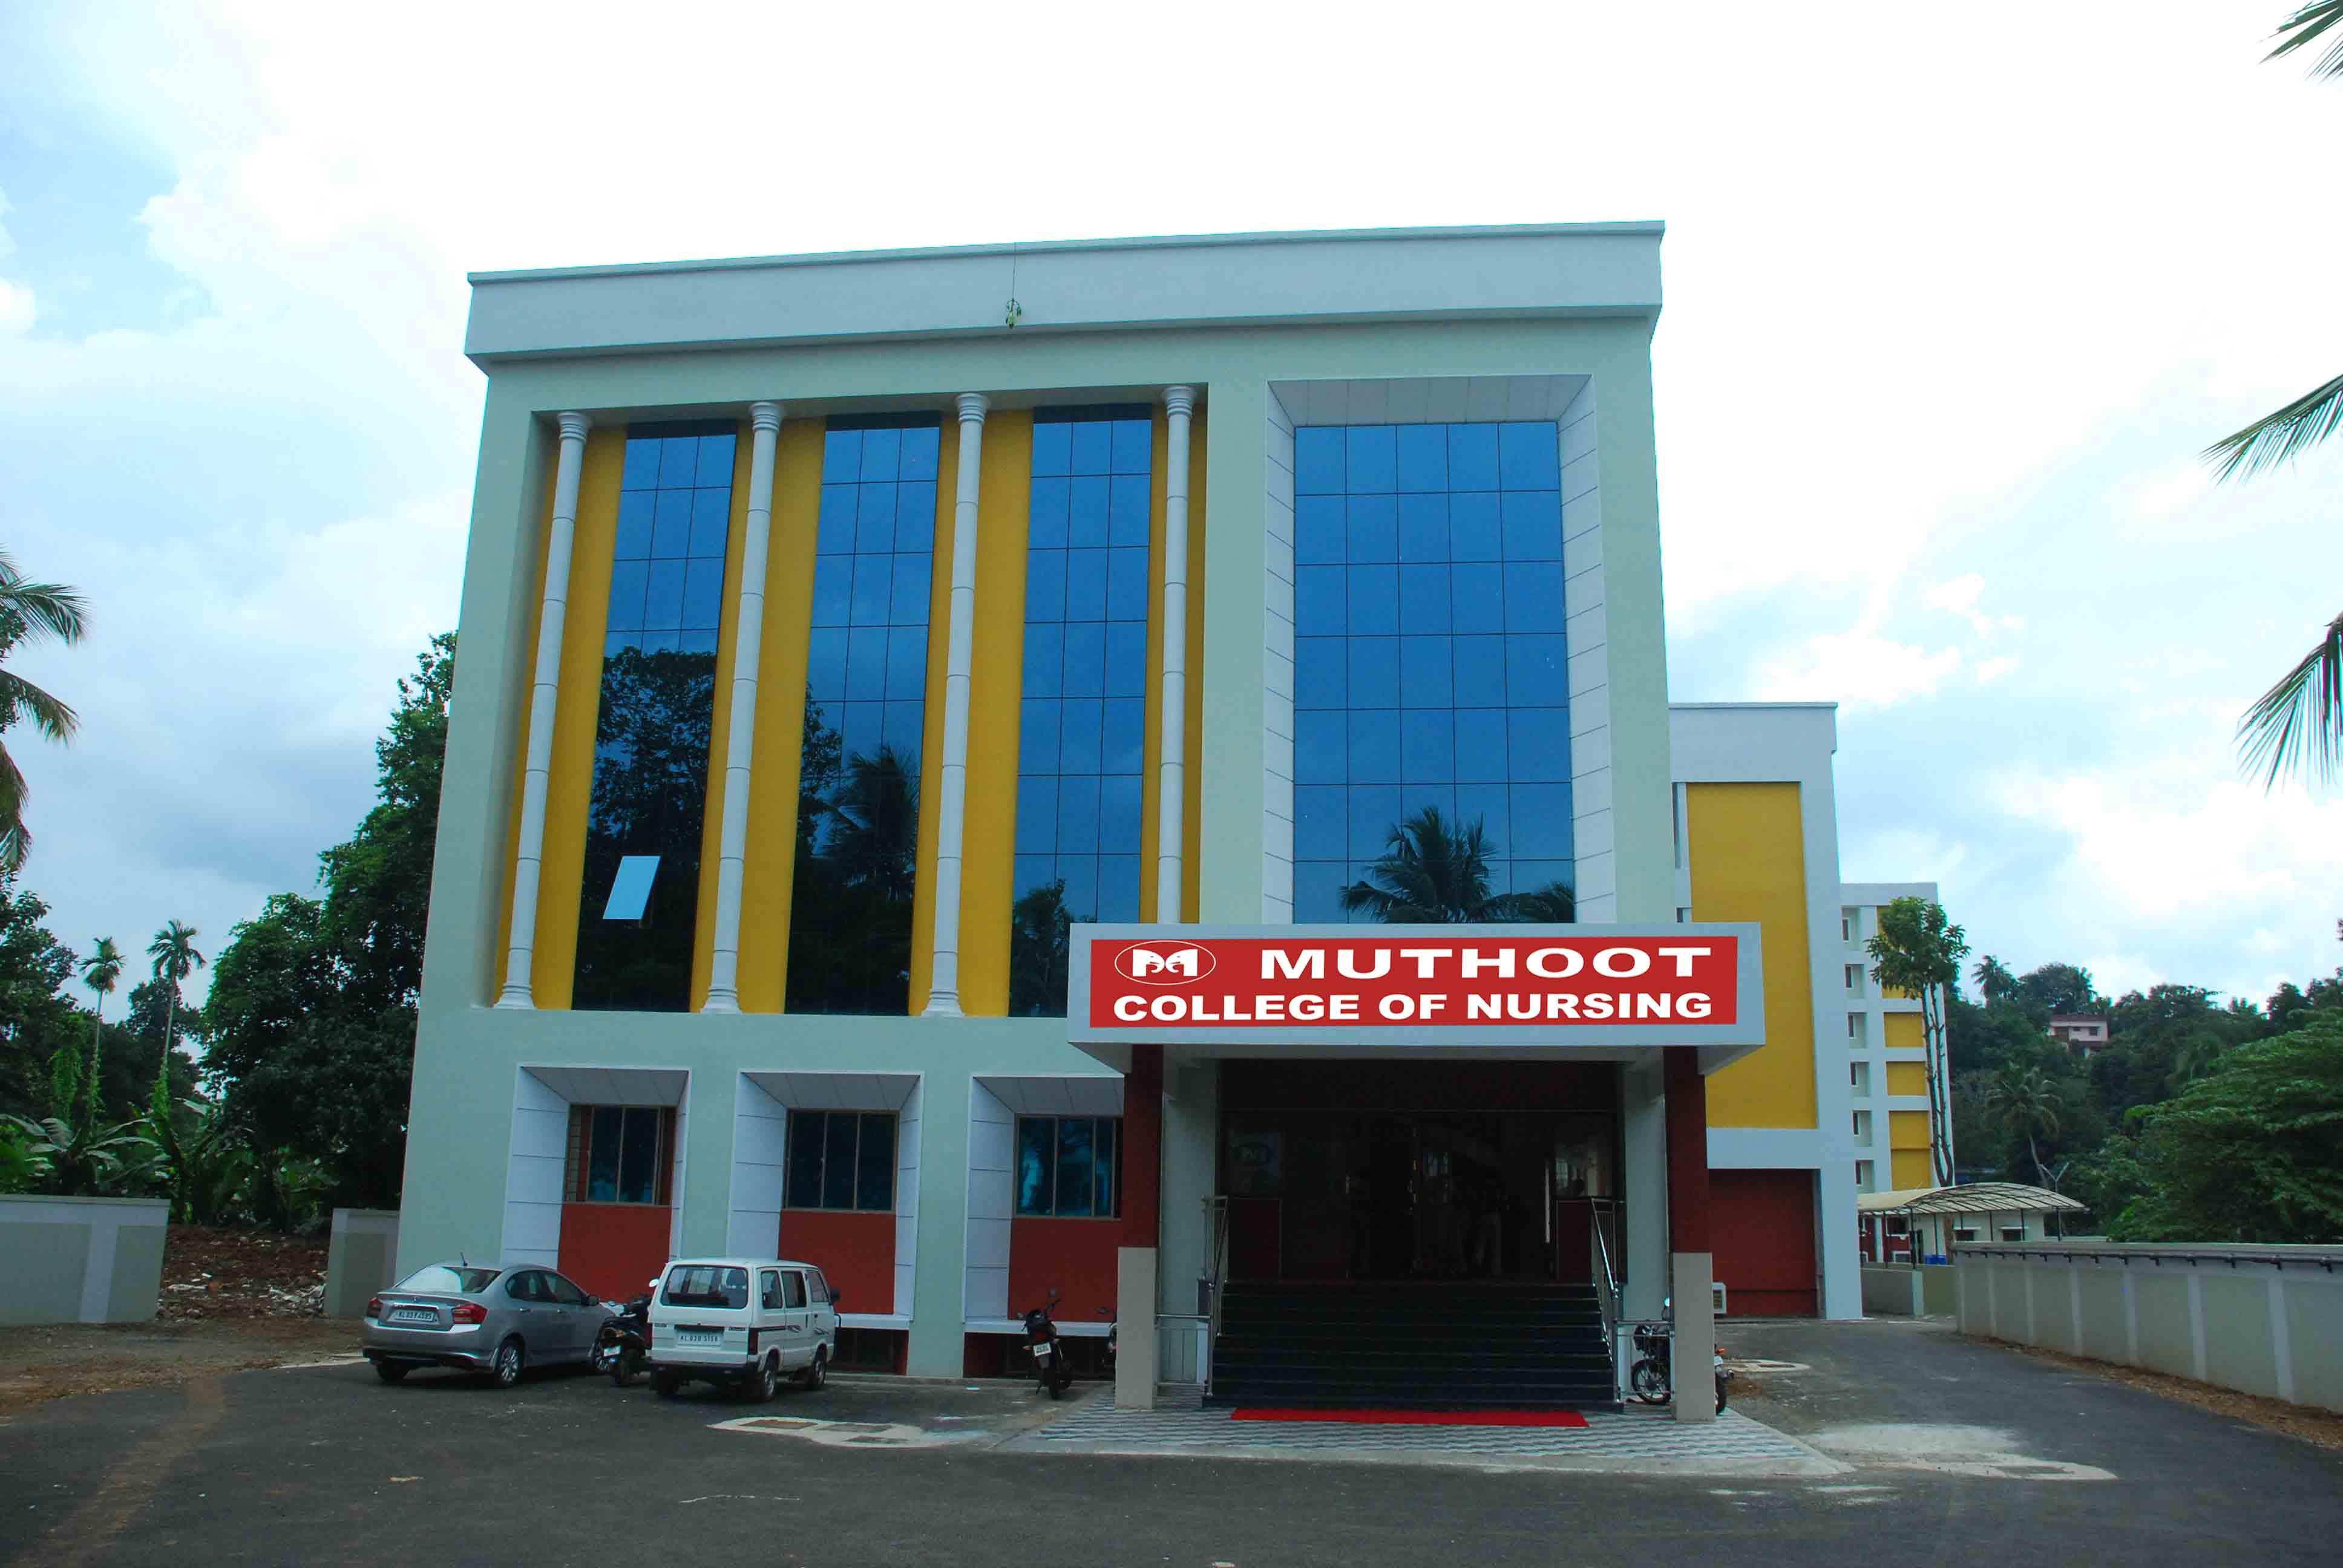 M G M Muthoot College Of Nursing, Kozhencherry, Pathanamthitta